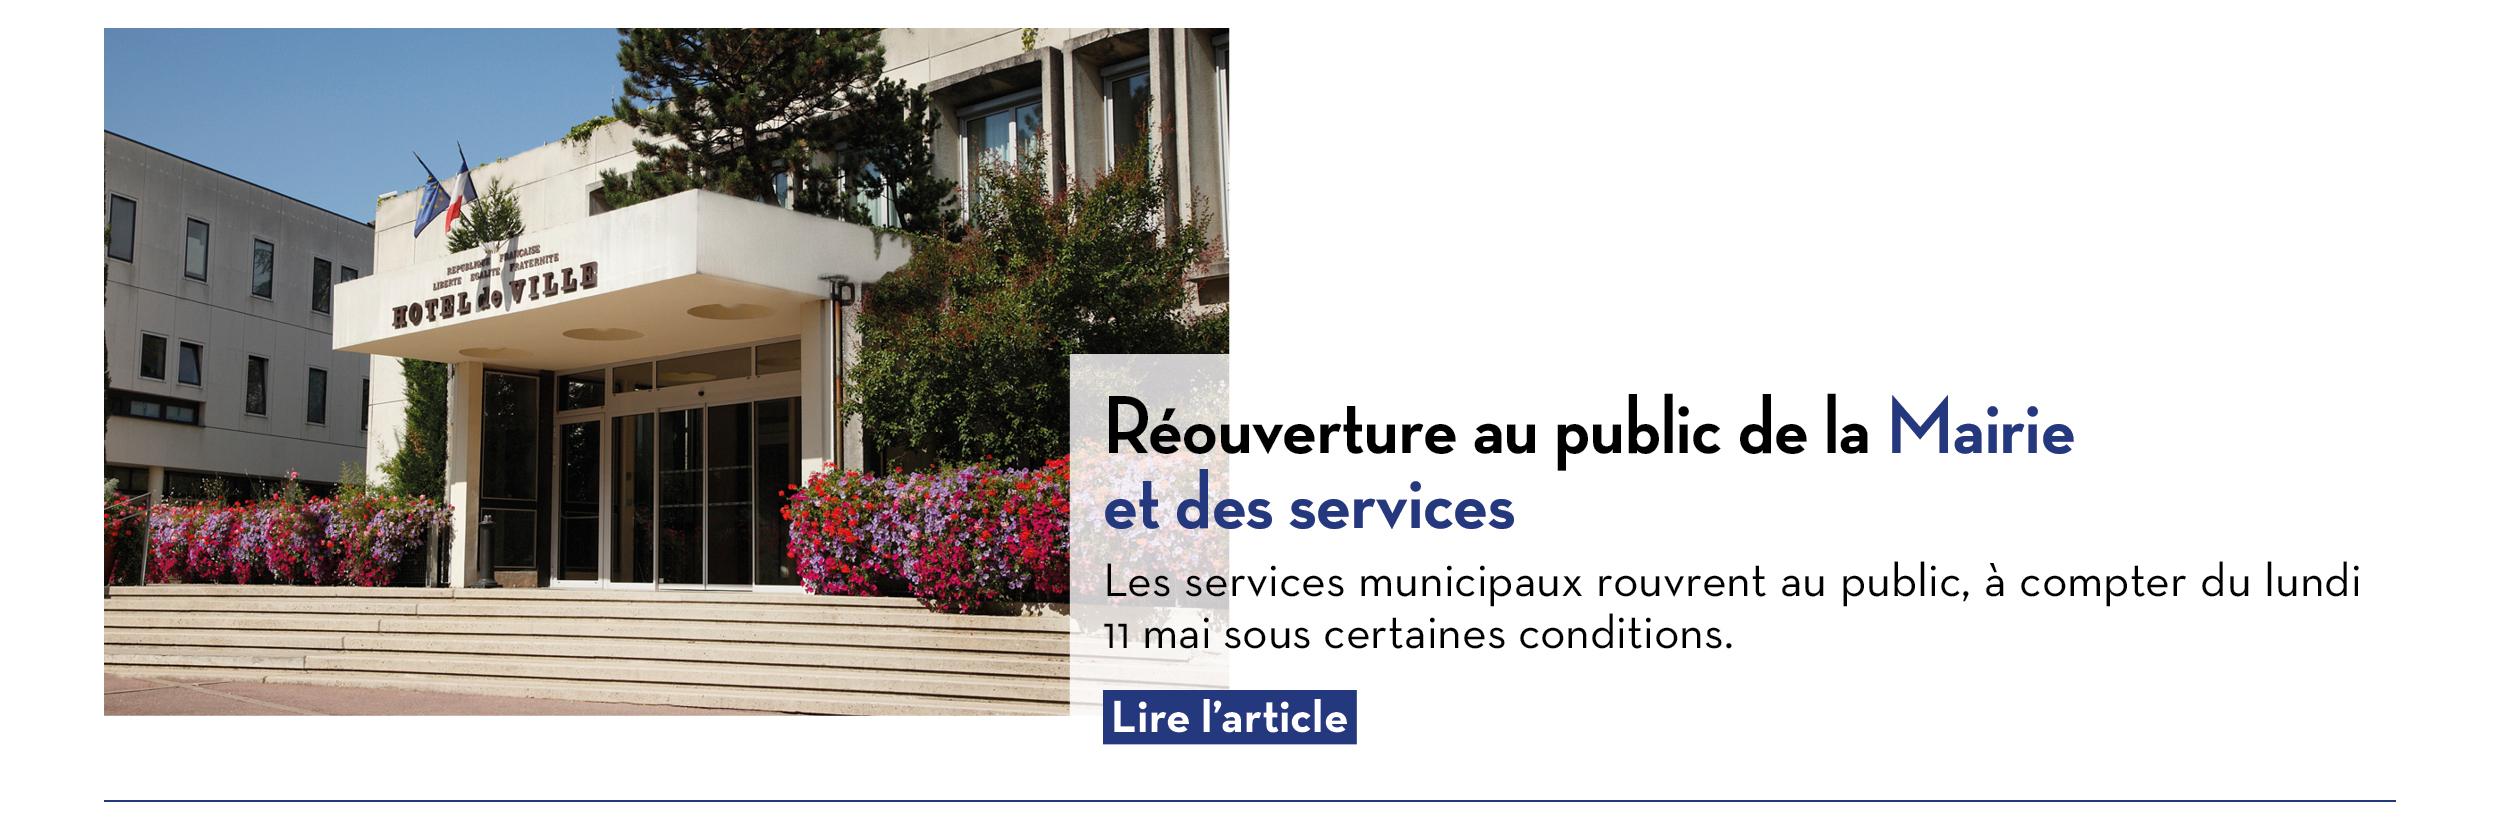 Réouverture au public de la Mairie et des services